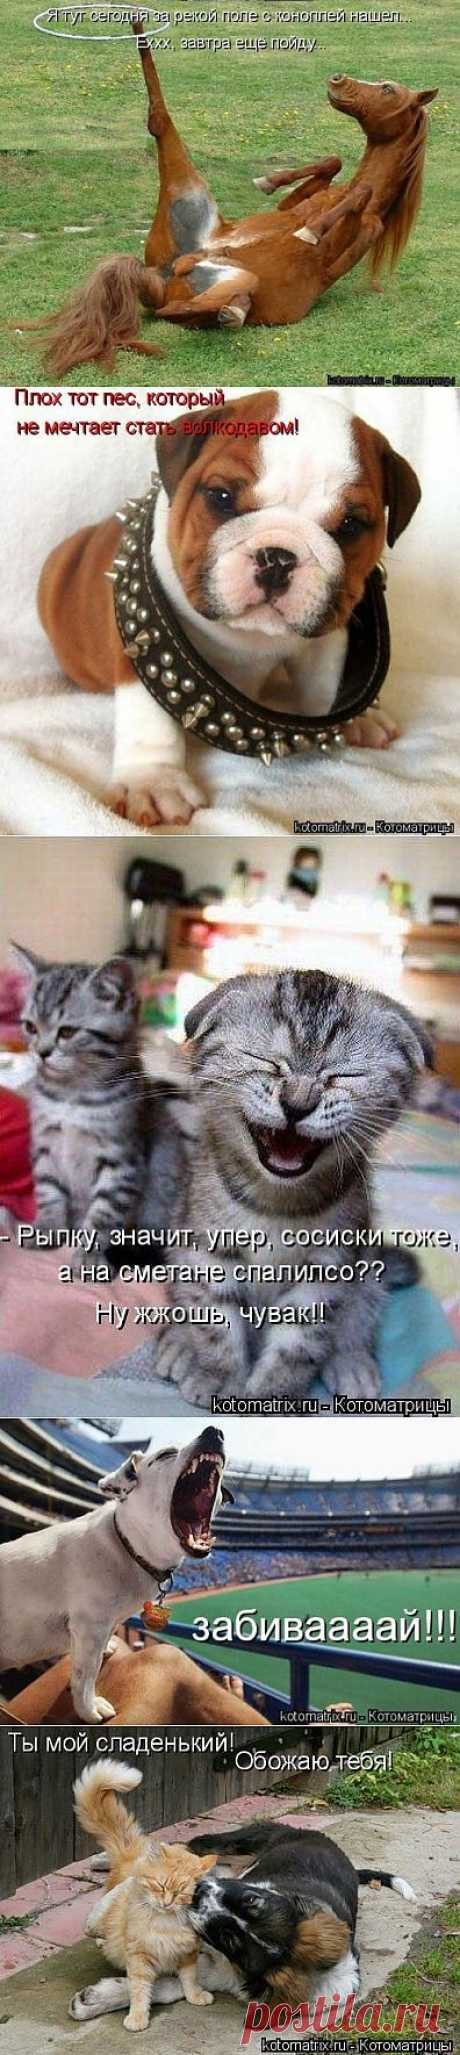 Свежие котоматрицы на понедельник (80 картинок) » Ex.BY - фотоприколы, фото девушек и животных